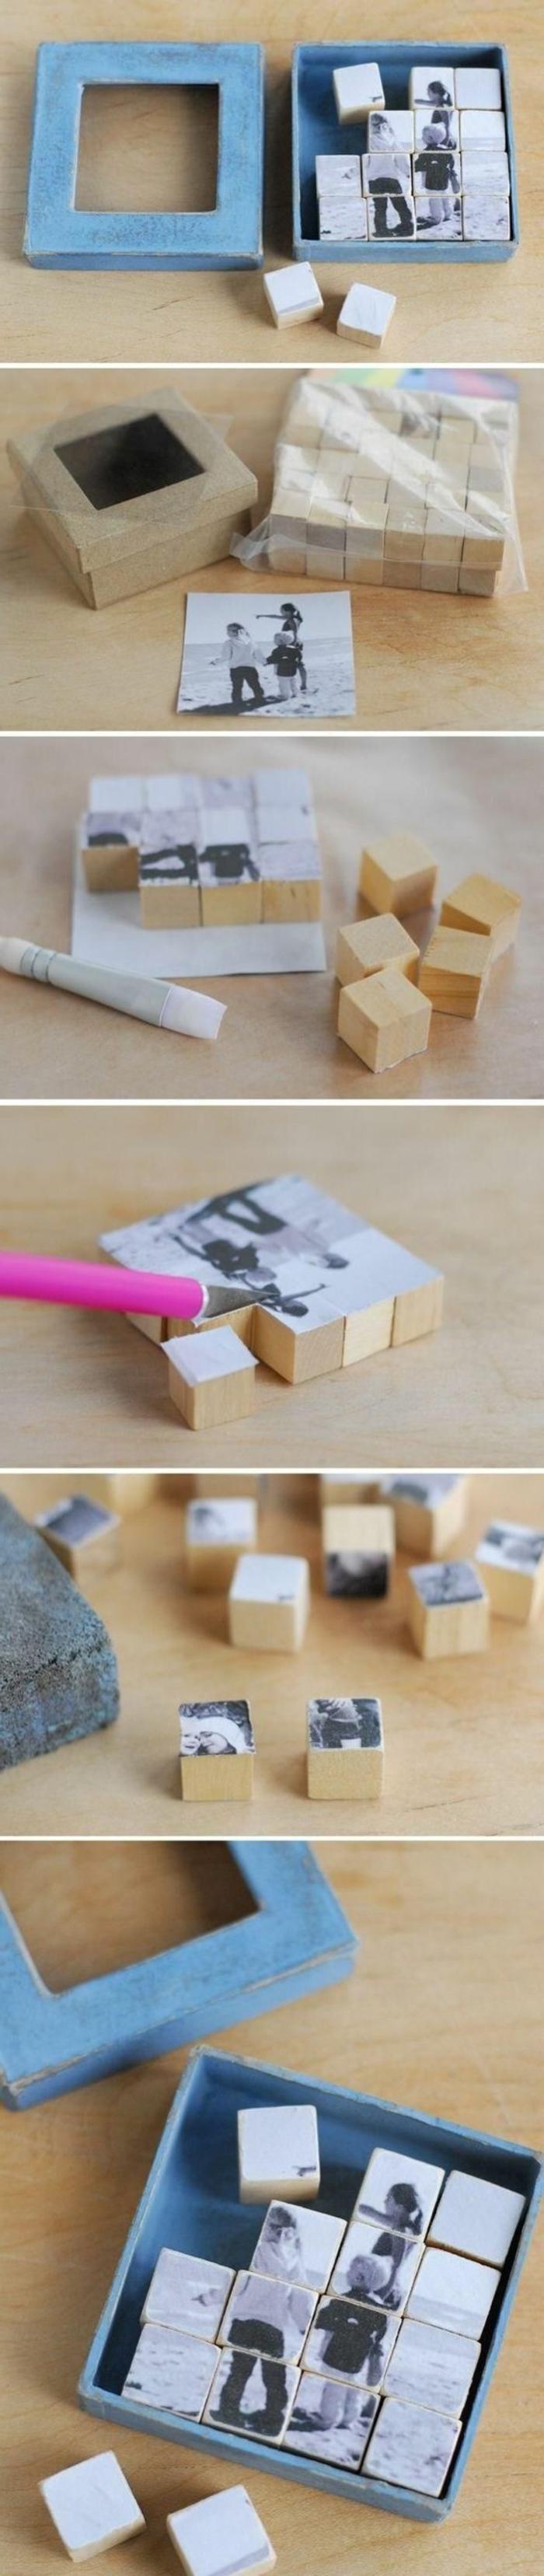 regalos-hechos-a-mano-rompecabezas-hecho-con-foto-idea-creativa